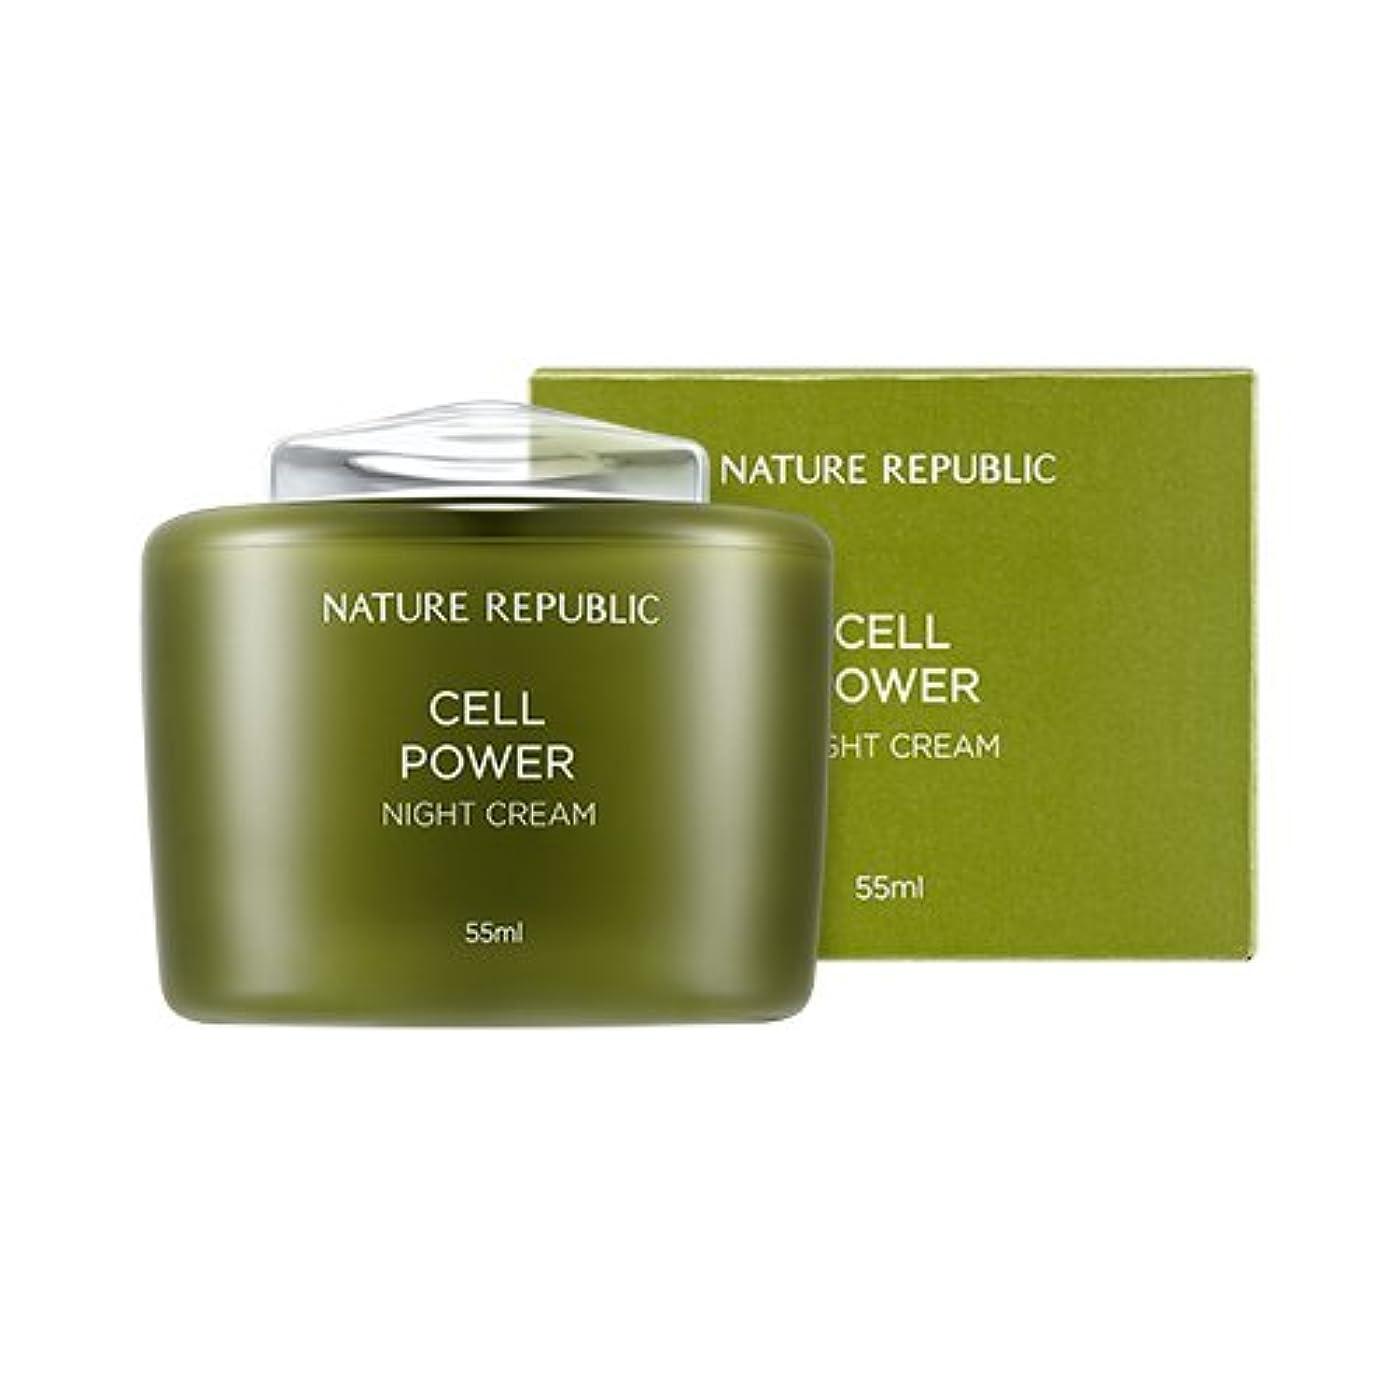 リマーク休暇資格Nature Republic Cell Power Night Cream ネイチャーリパブリックセルパワーナイトクリーム [並行輸入品]